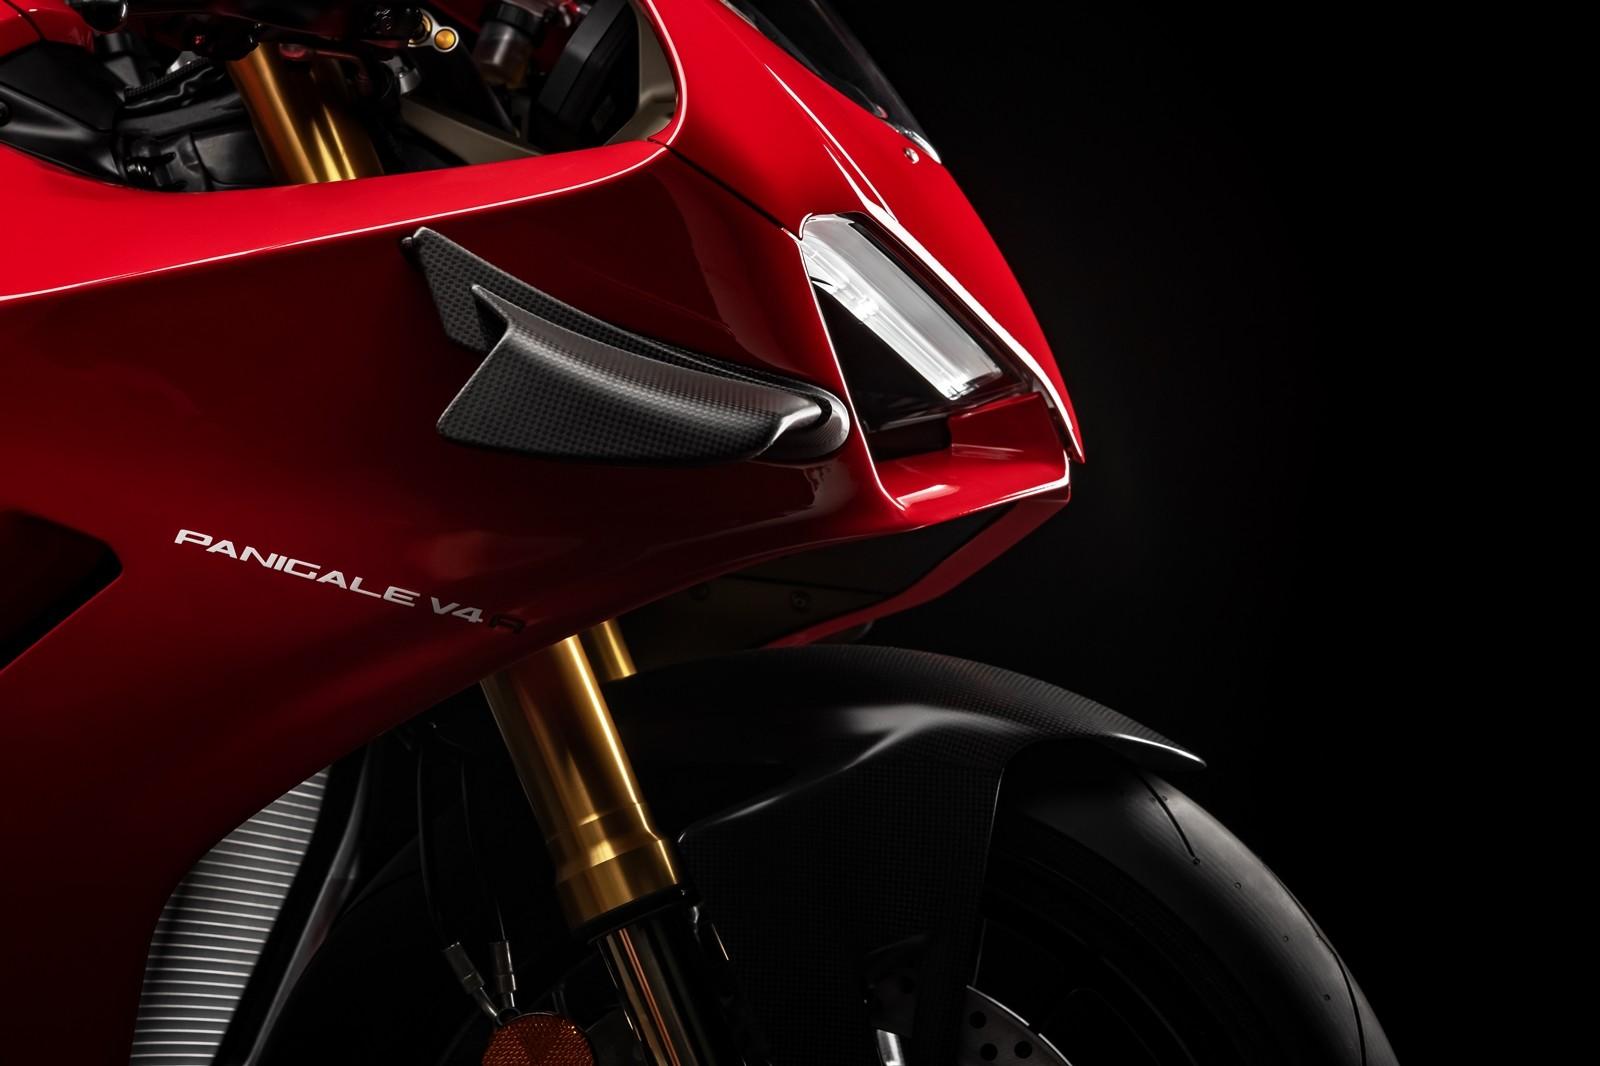 Foto de Ducati Panigale V4 R 2019 (77/87)